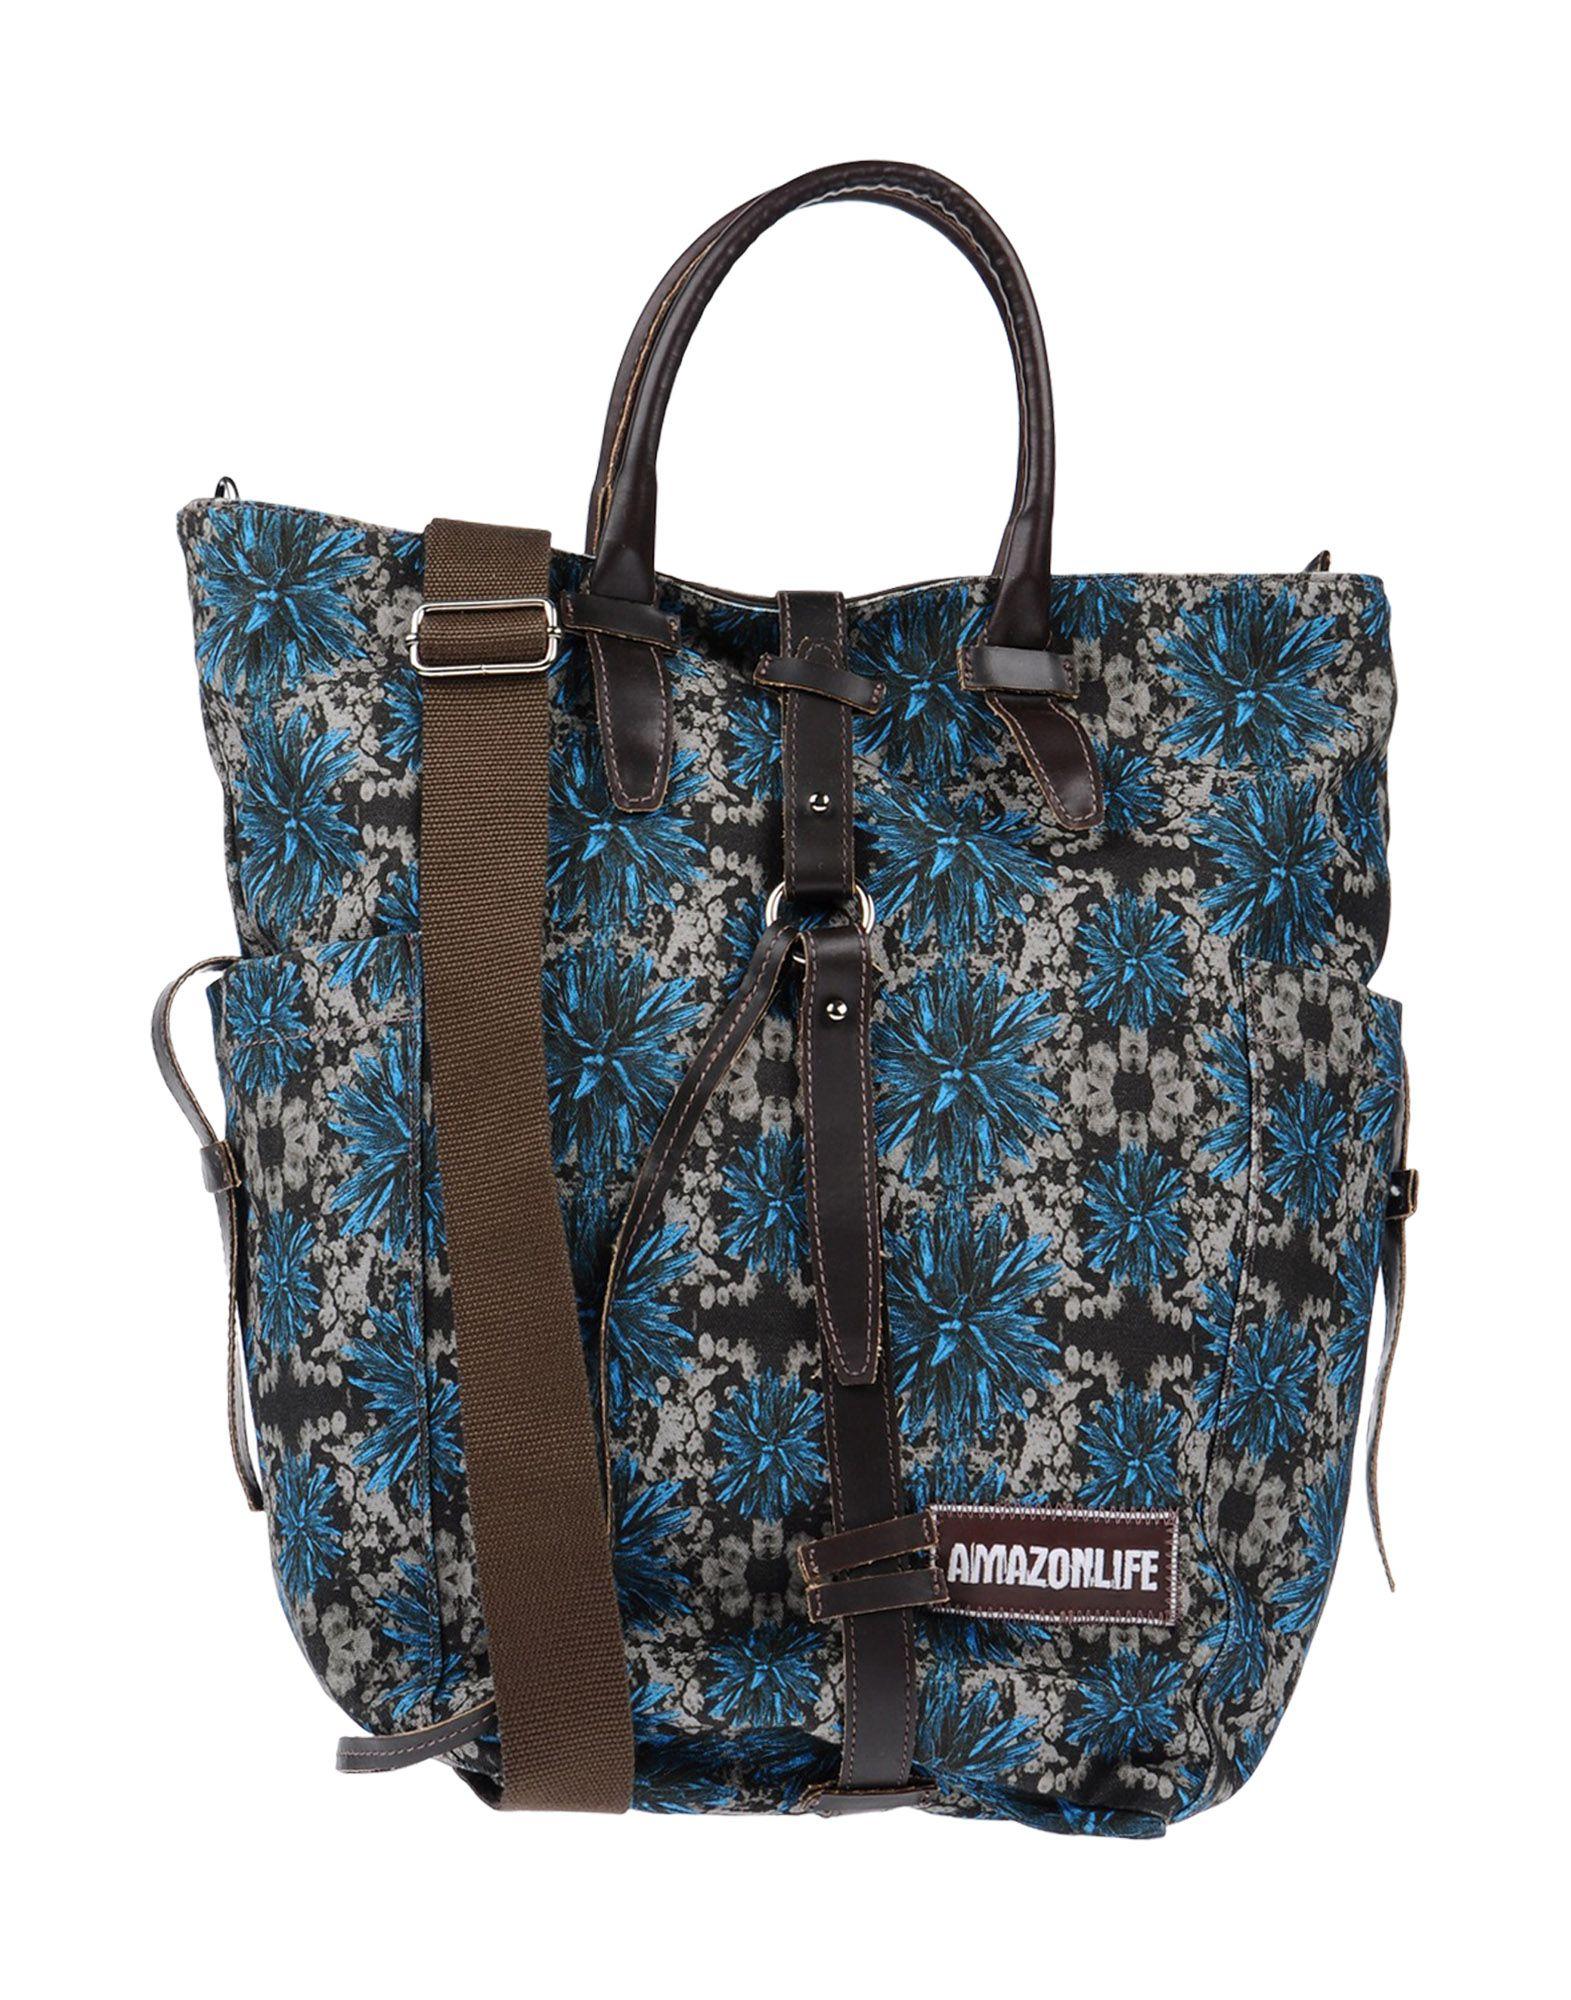 AMAZONLIFE® Сумка на руку the cambridge satchel company сумка на руку